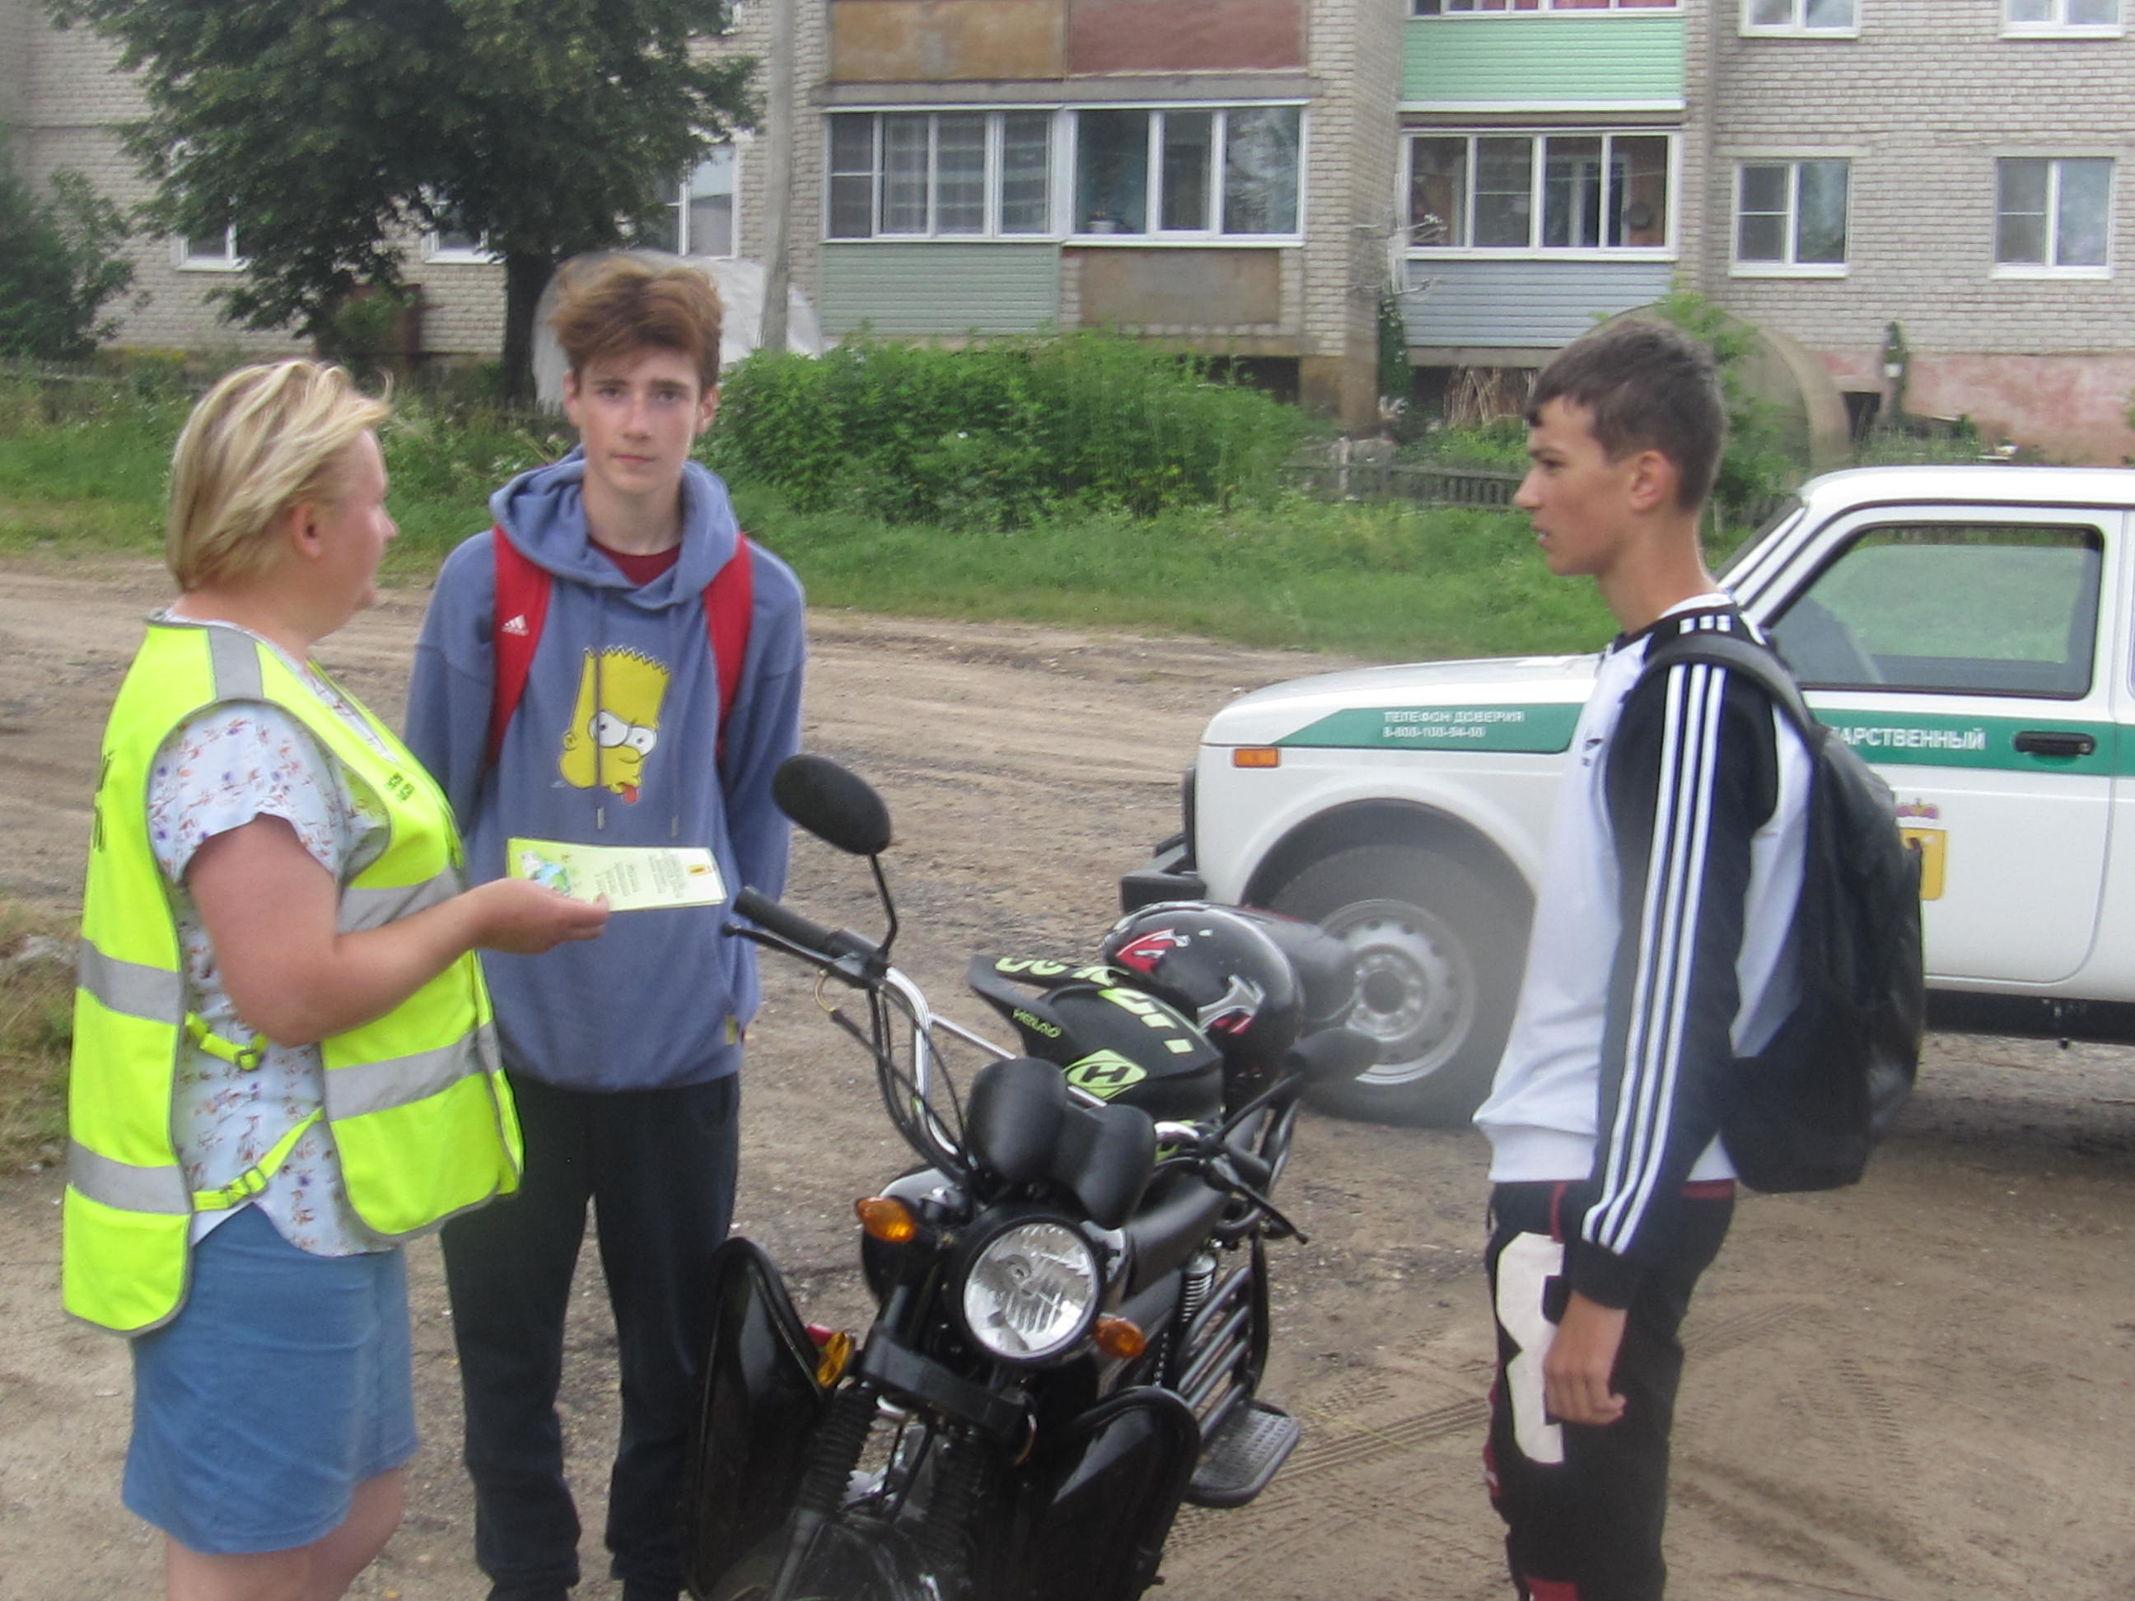 Более 10 тысяч буклетов и листовок раздали ярославские лесники в рамках кампании «Останови огонь!»